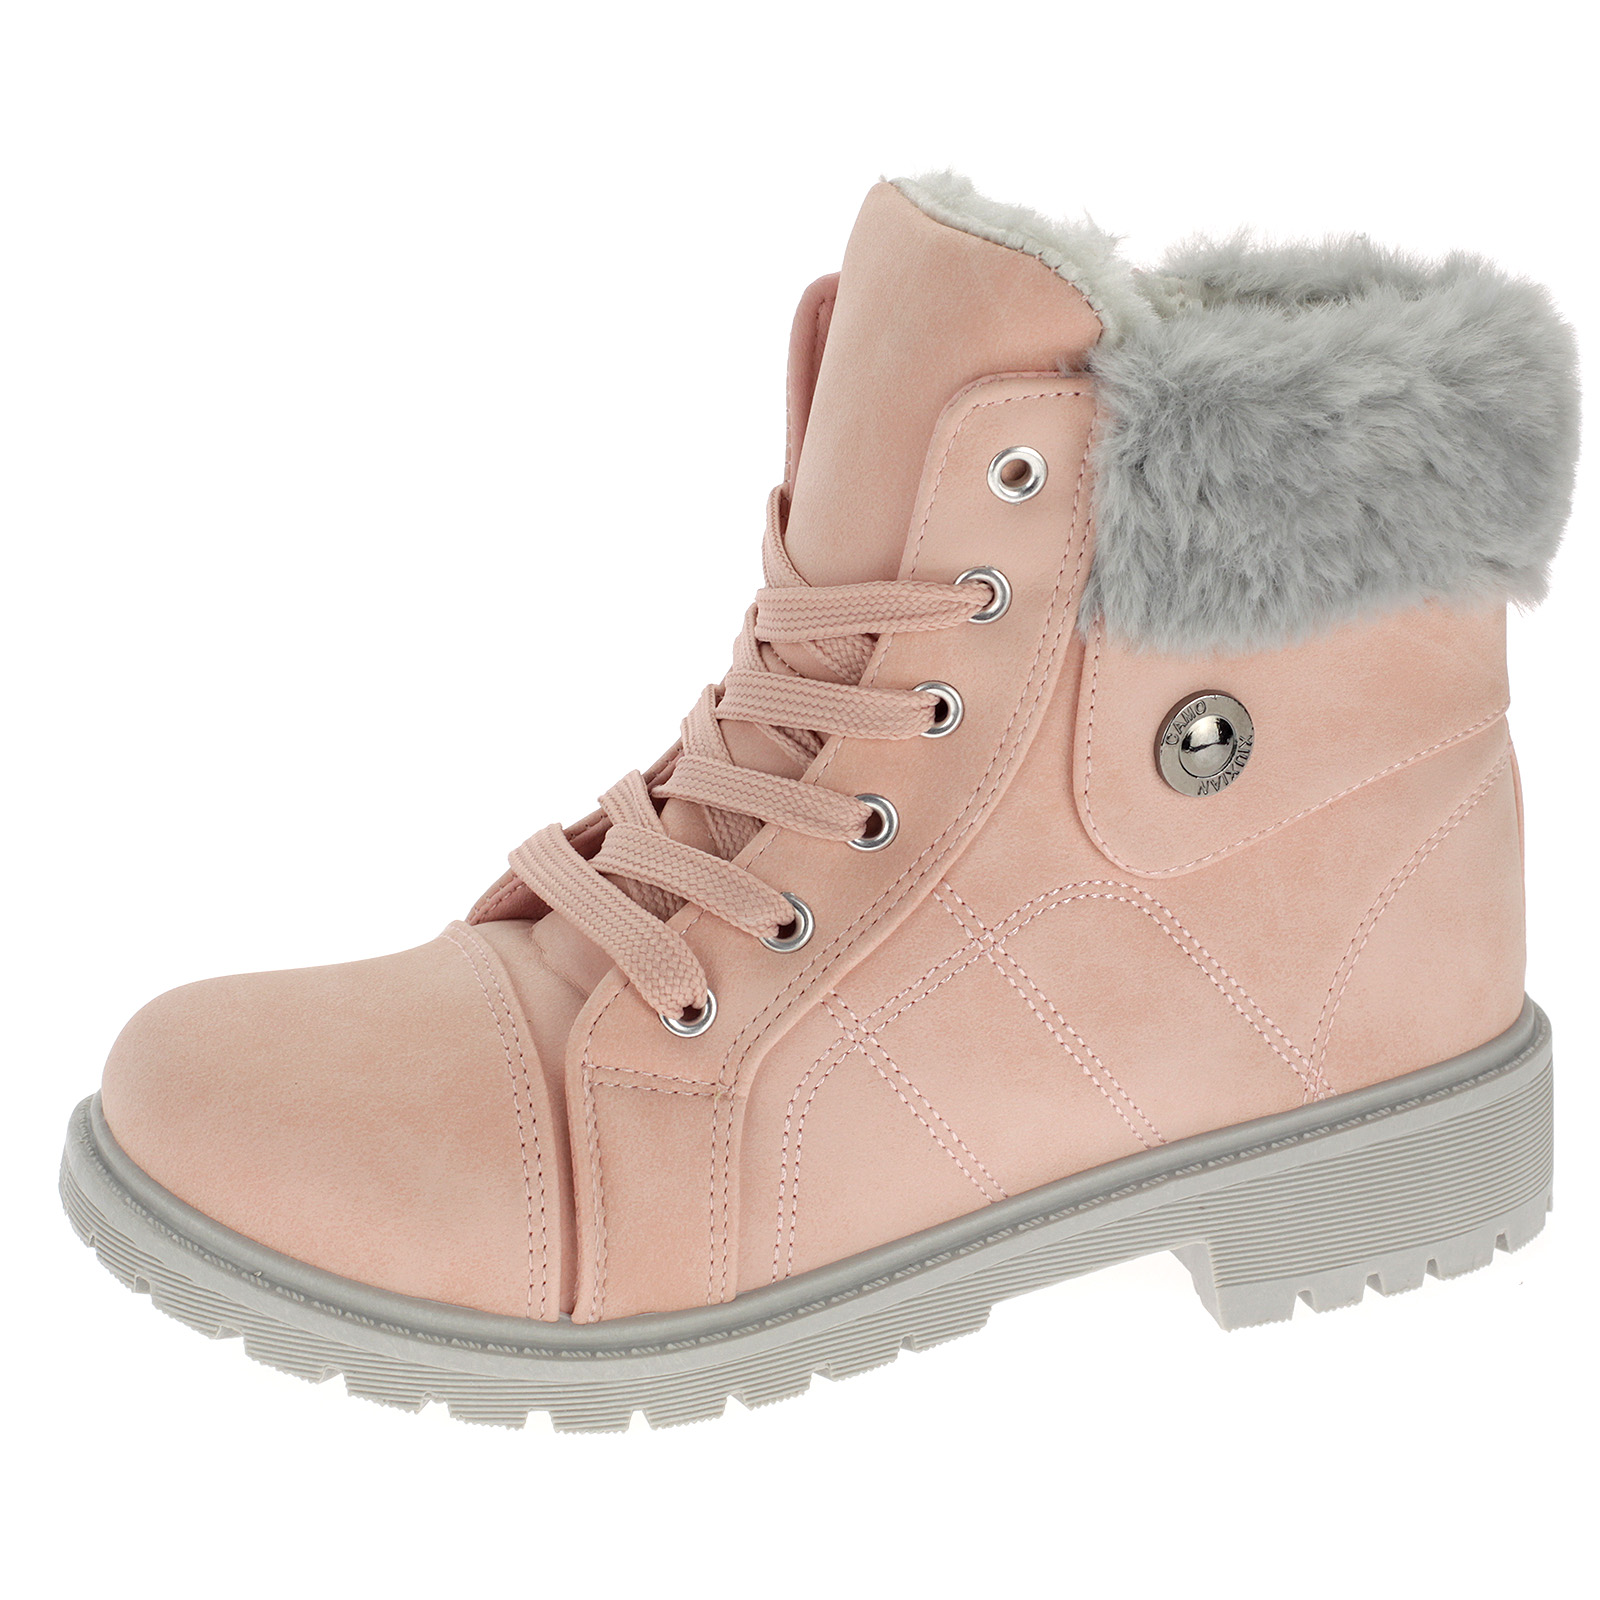 Mädchen Boots Stiefeletten Winterschuhe Stiefel Gefütterte Kinderschuhe 3015